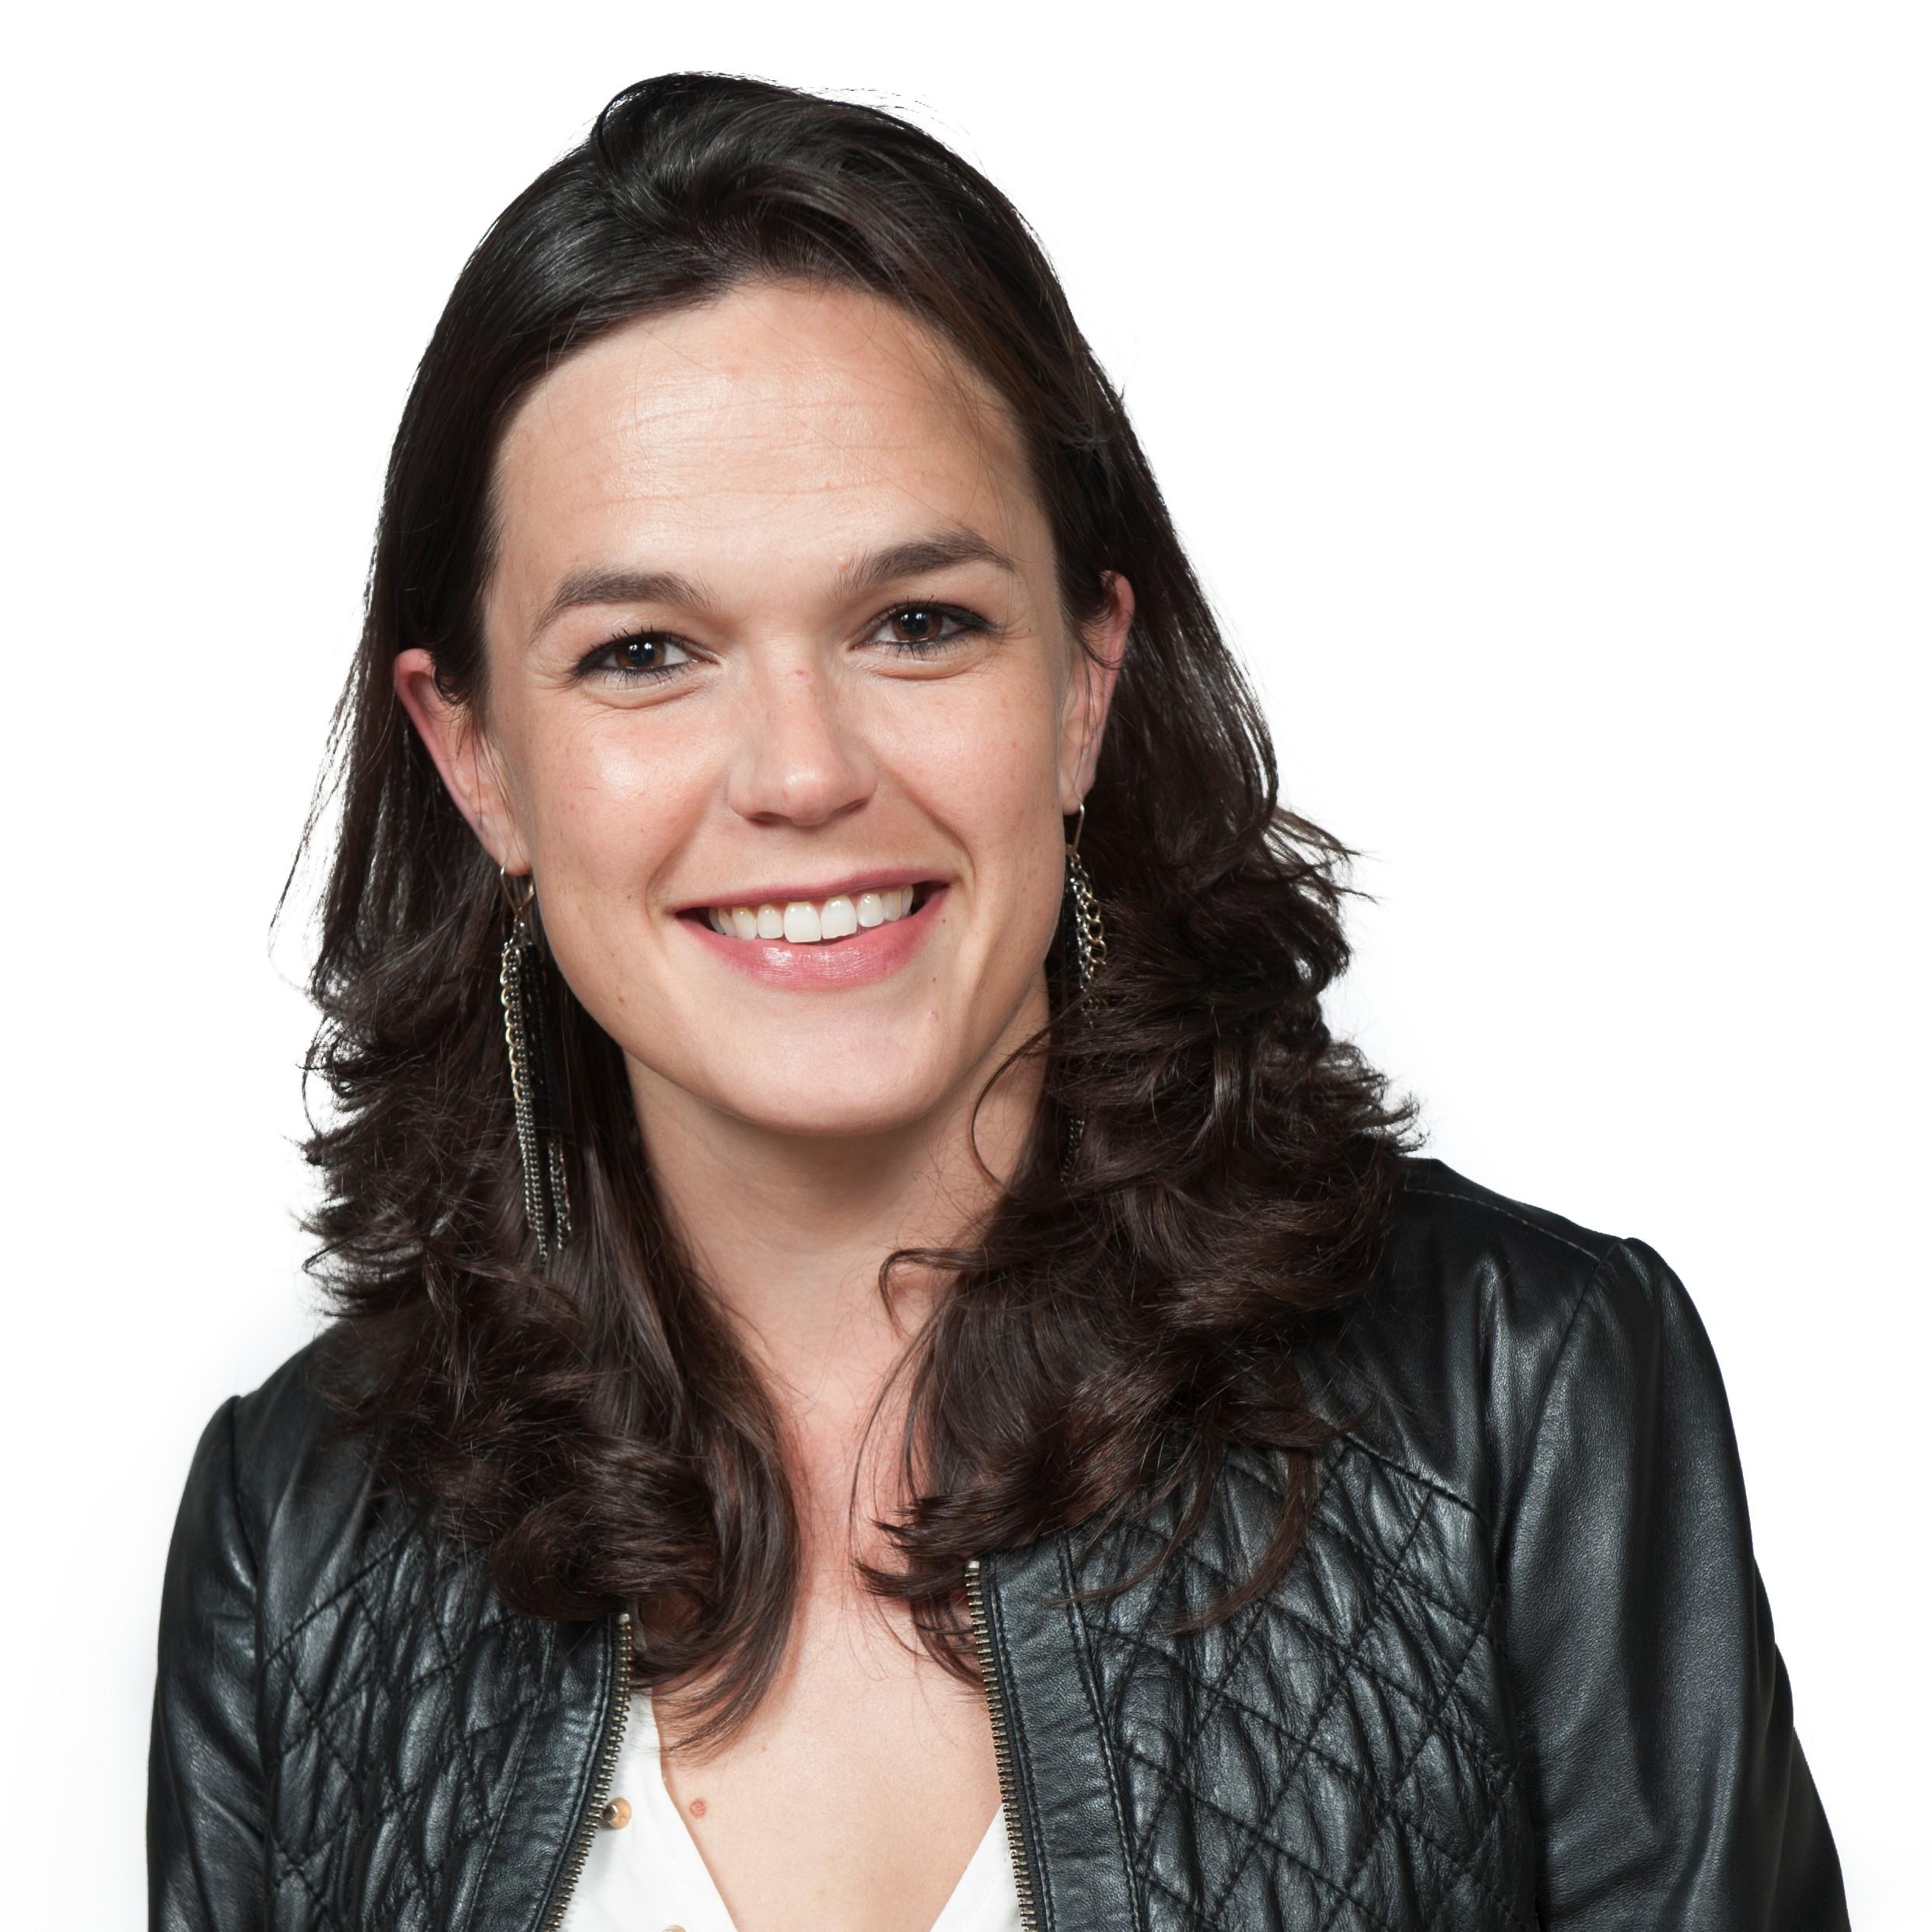 Anne-Sophie Seret